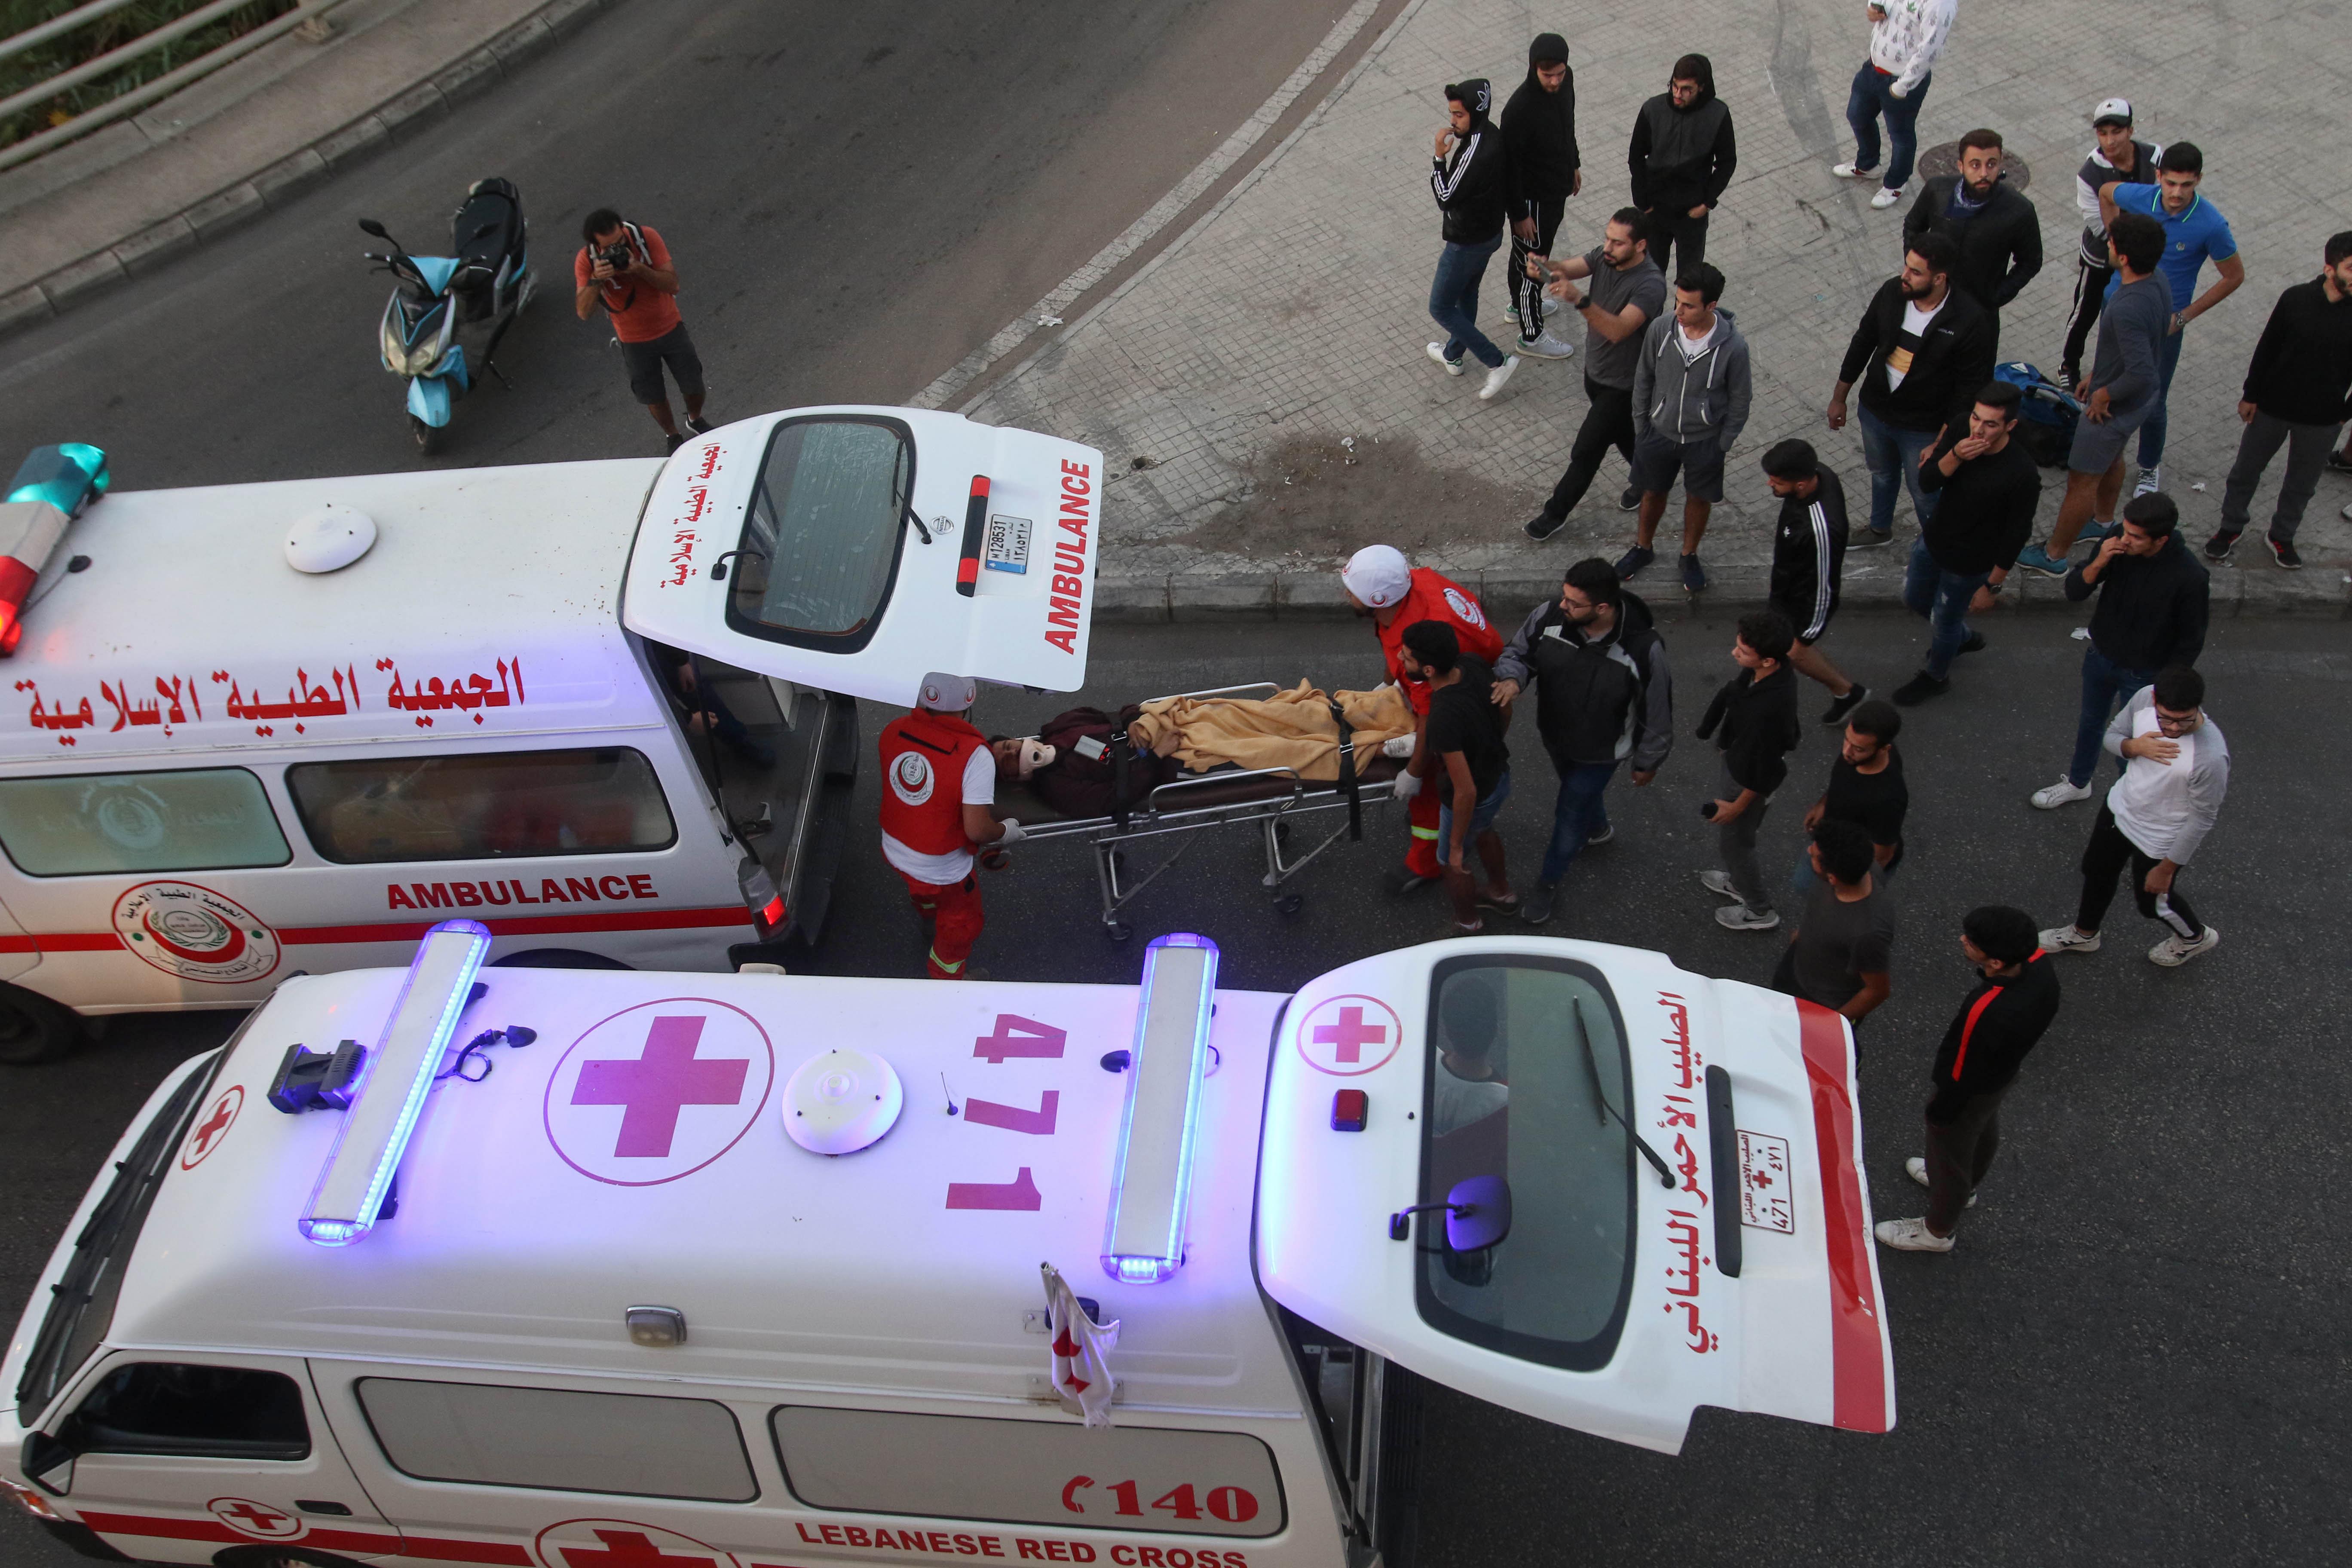 أصيب البعض بجروح خلال محاولات الجيش فتح الطرق في صيدا